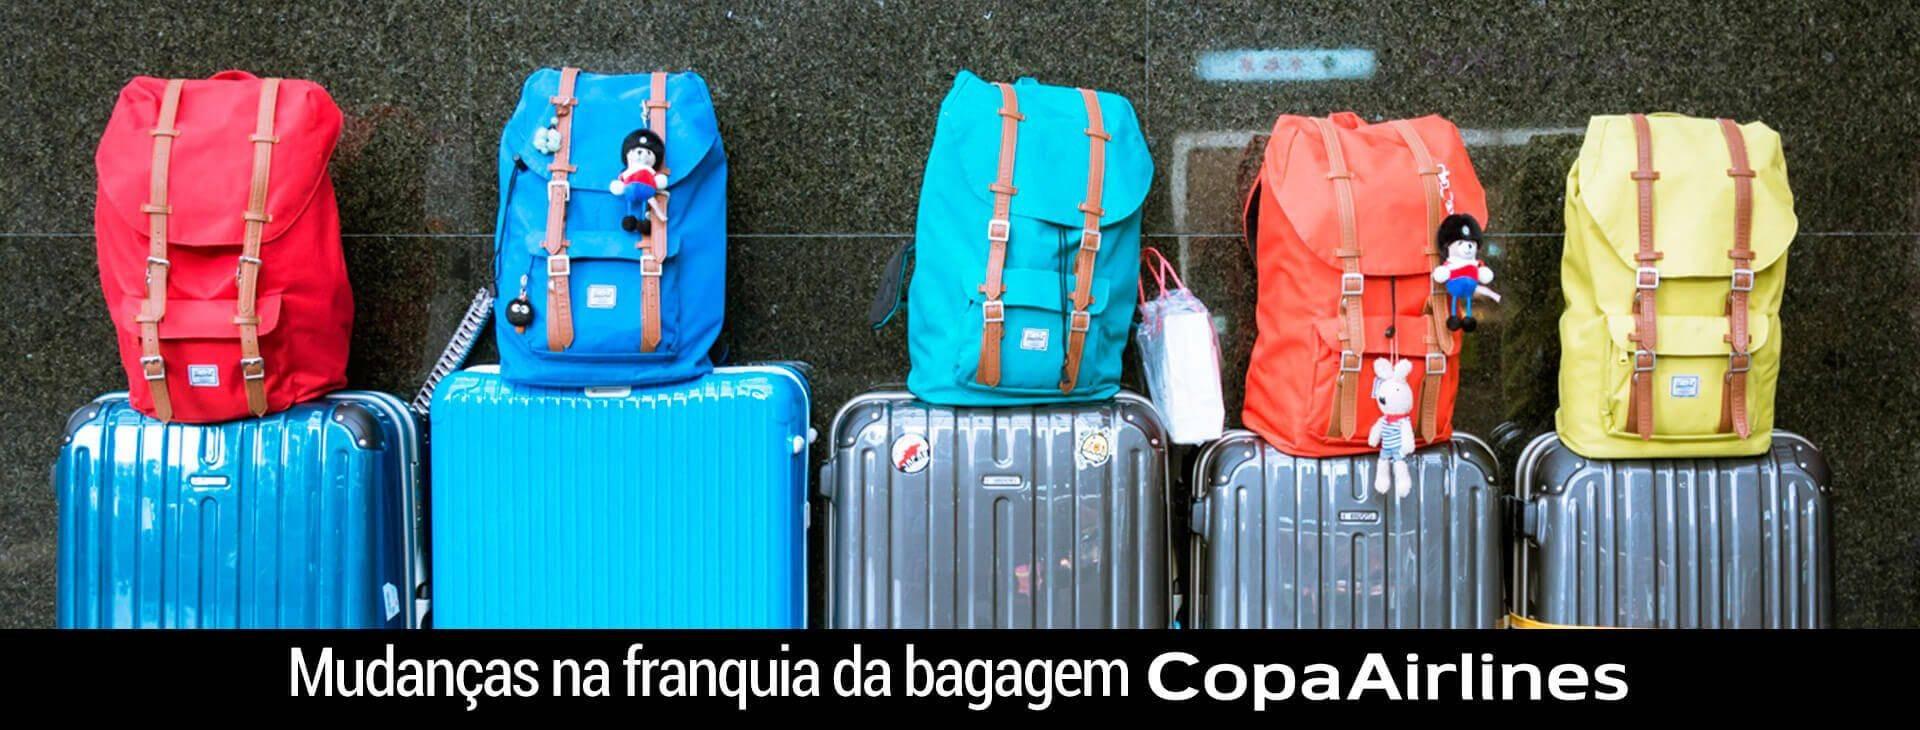 topo-regra-bagagens